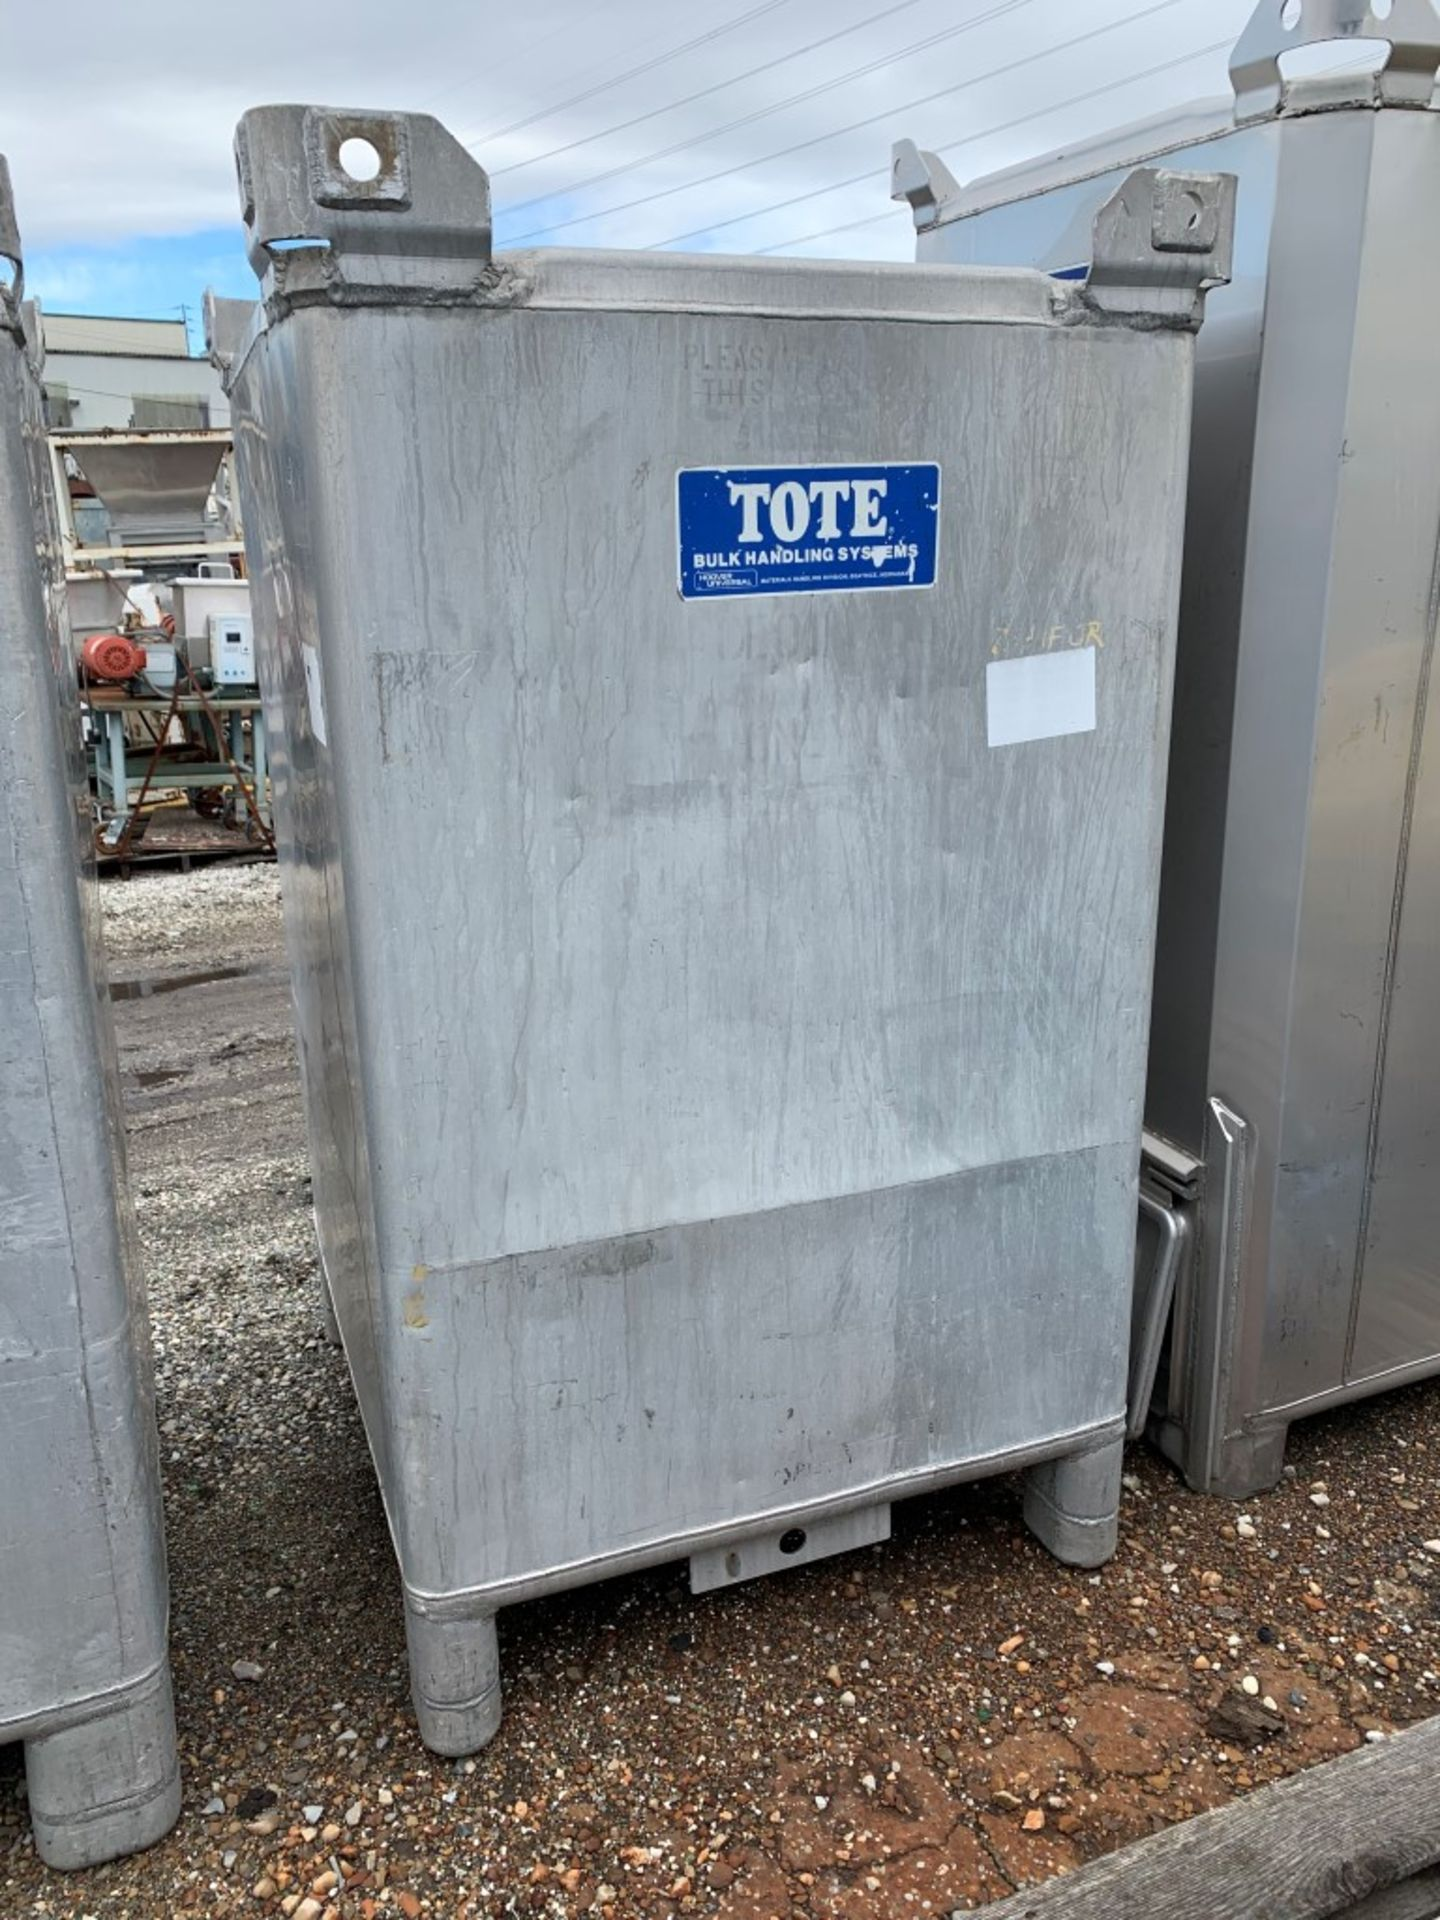 Lot 28 - 74 Cu Ft Tote Systems Tote Bin, Aluminum